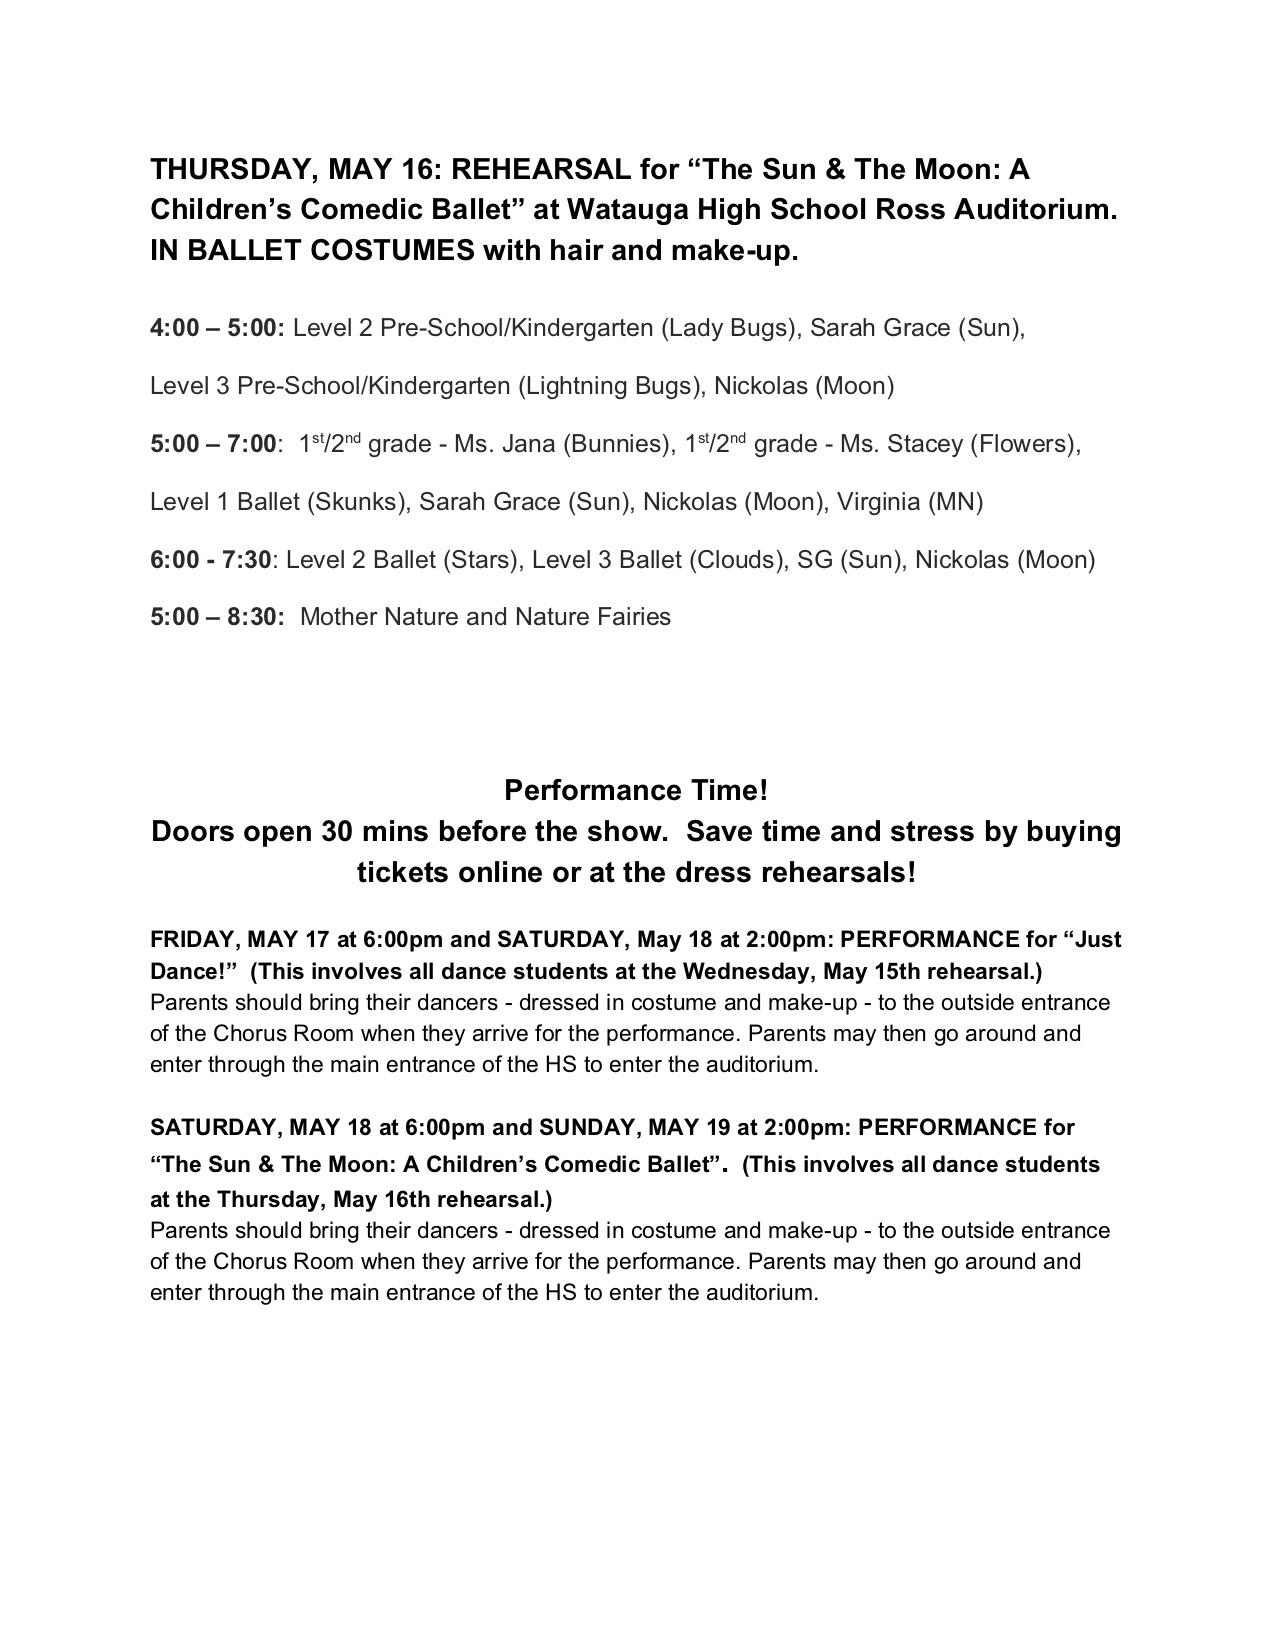 Performance Week Information pg 2.jpg